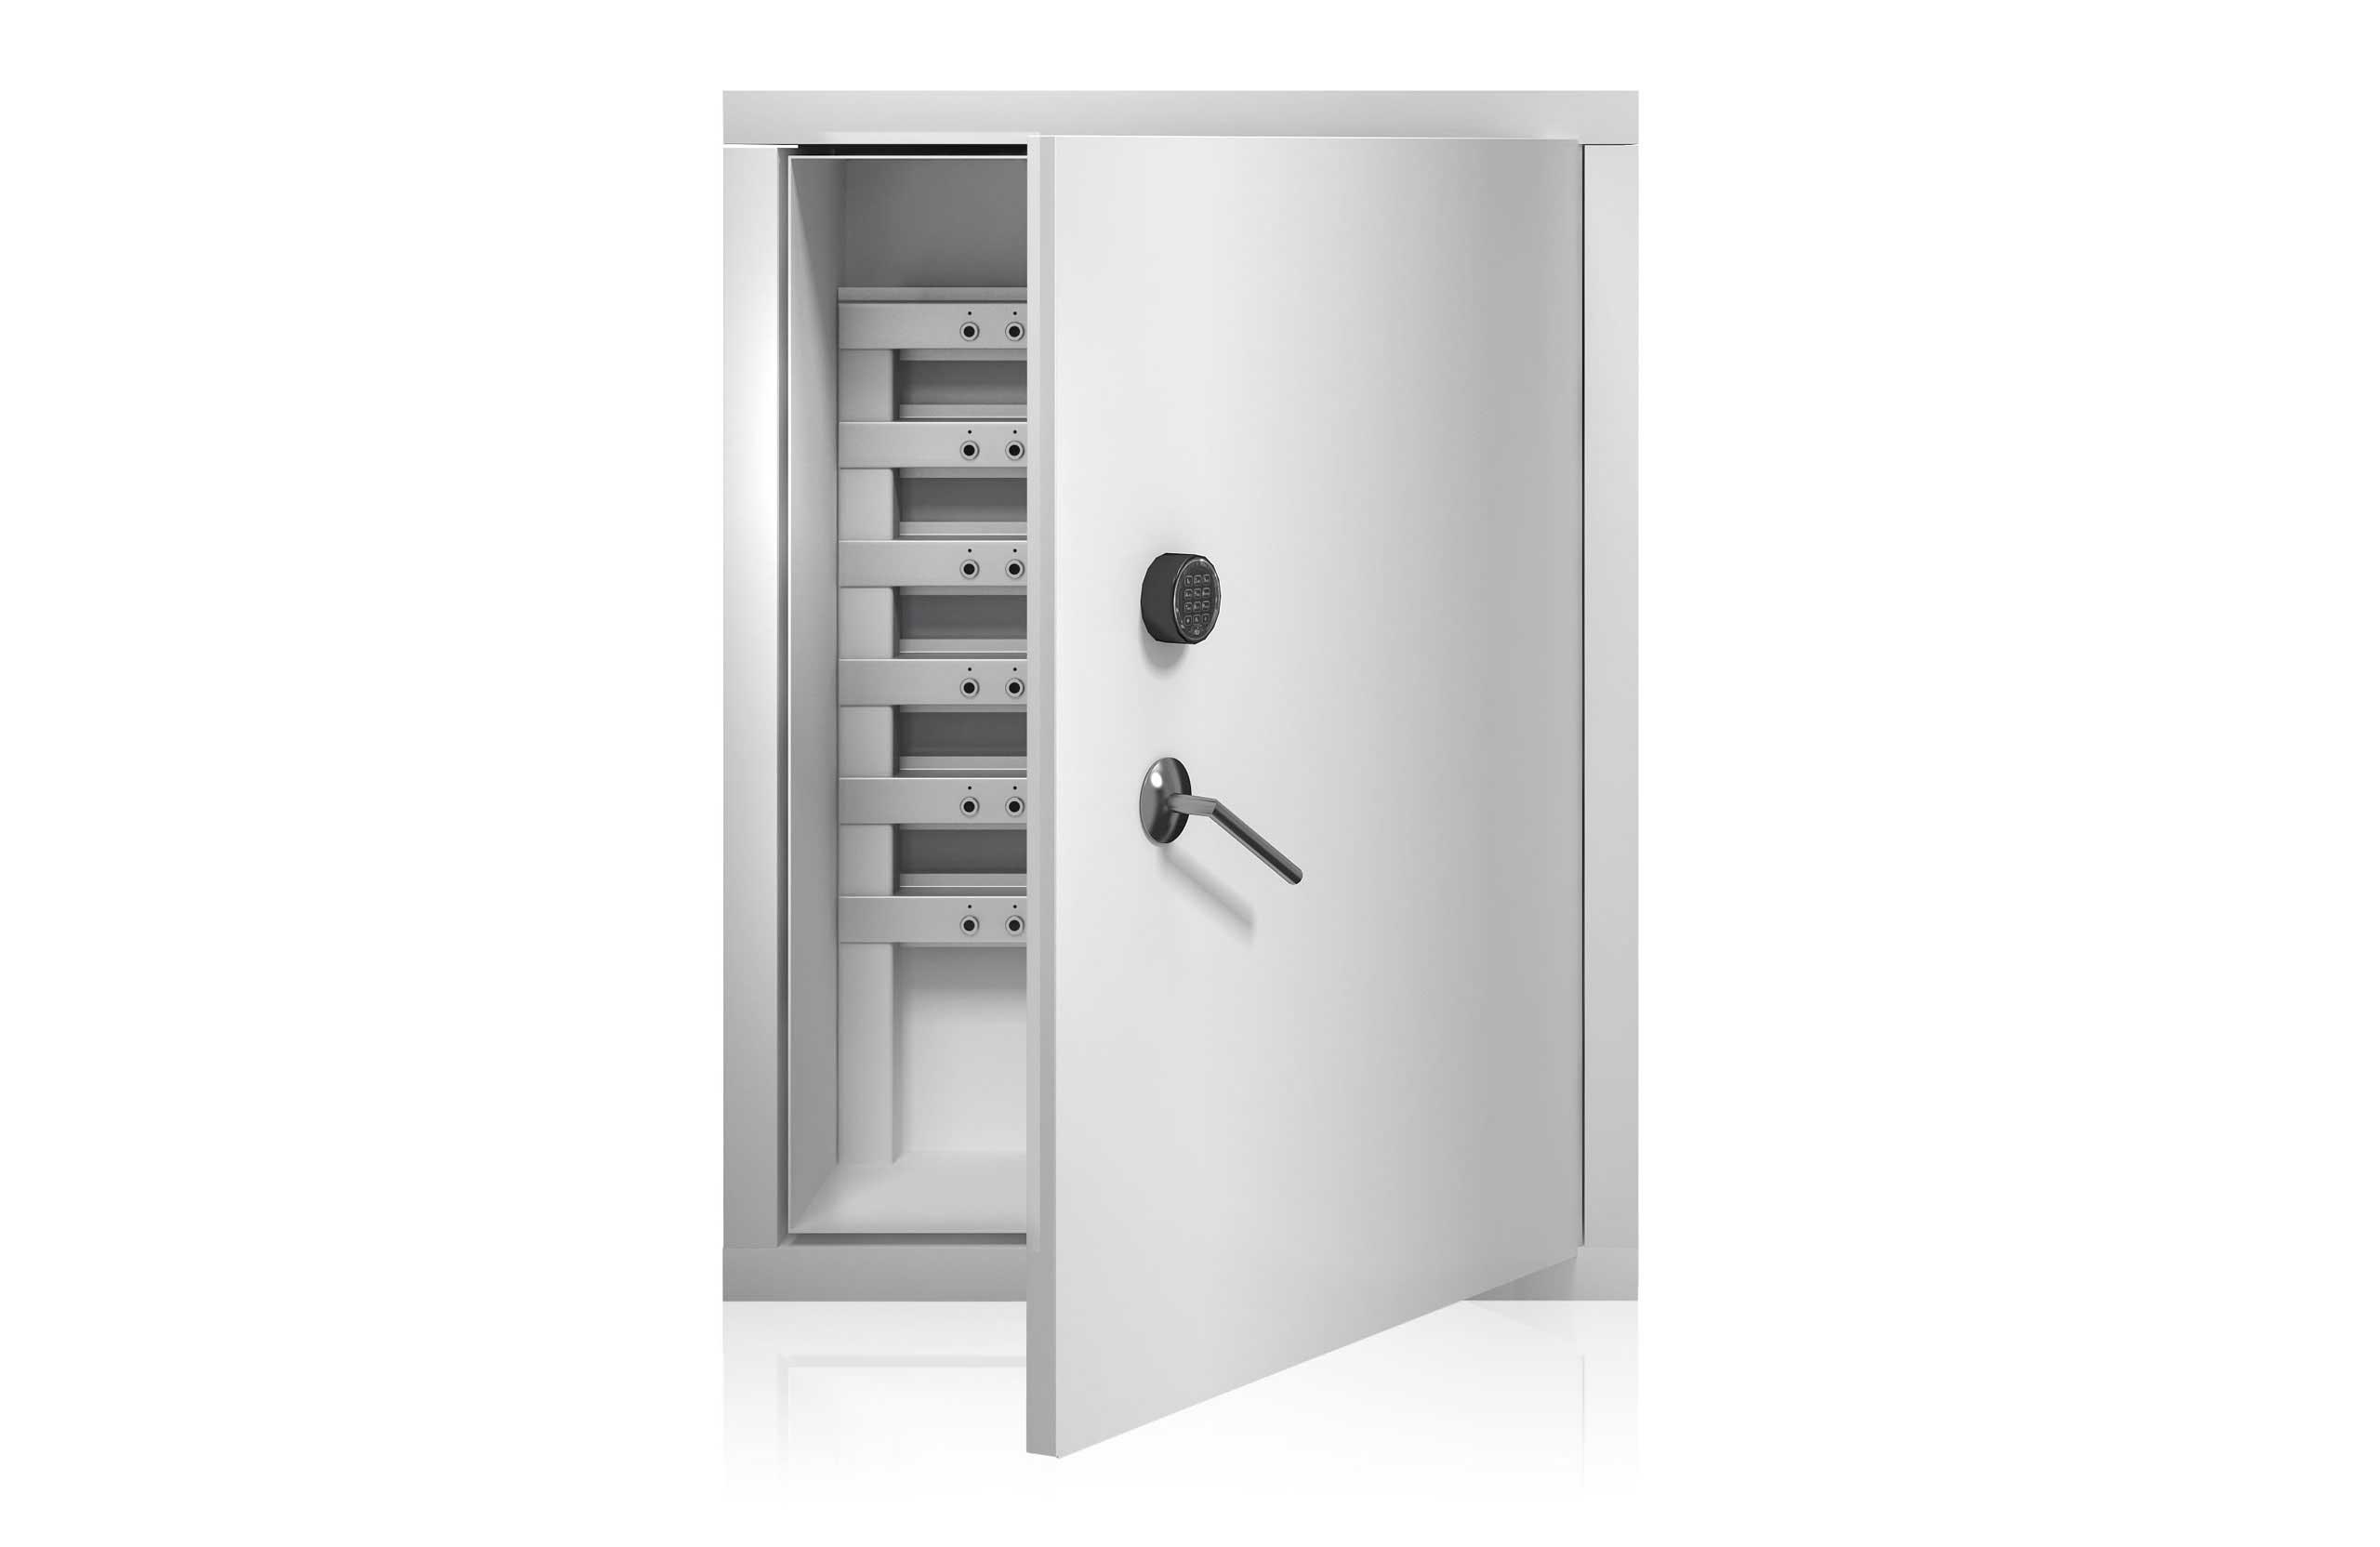 Intelligente Schlüsselleisten mit Steuereinheit, die für eine einzigartige Schlüsselverwaltung in Sicherheitsschränken montiert sind.